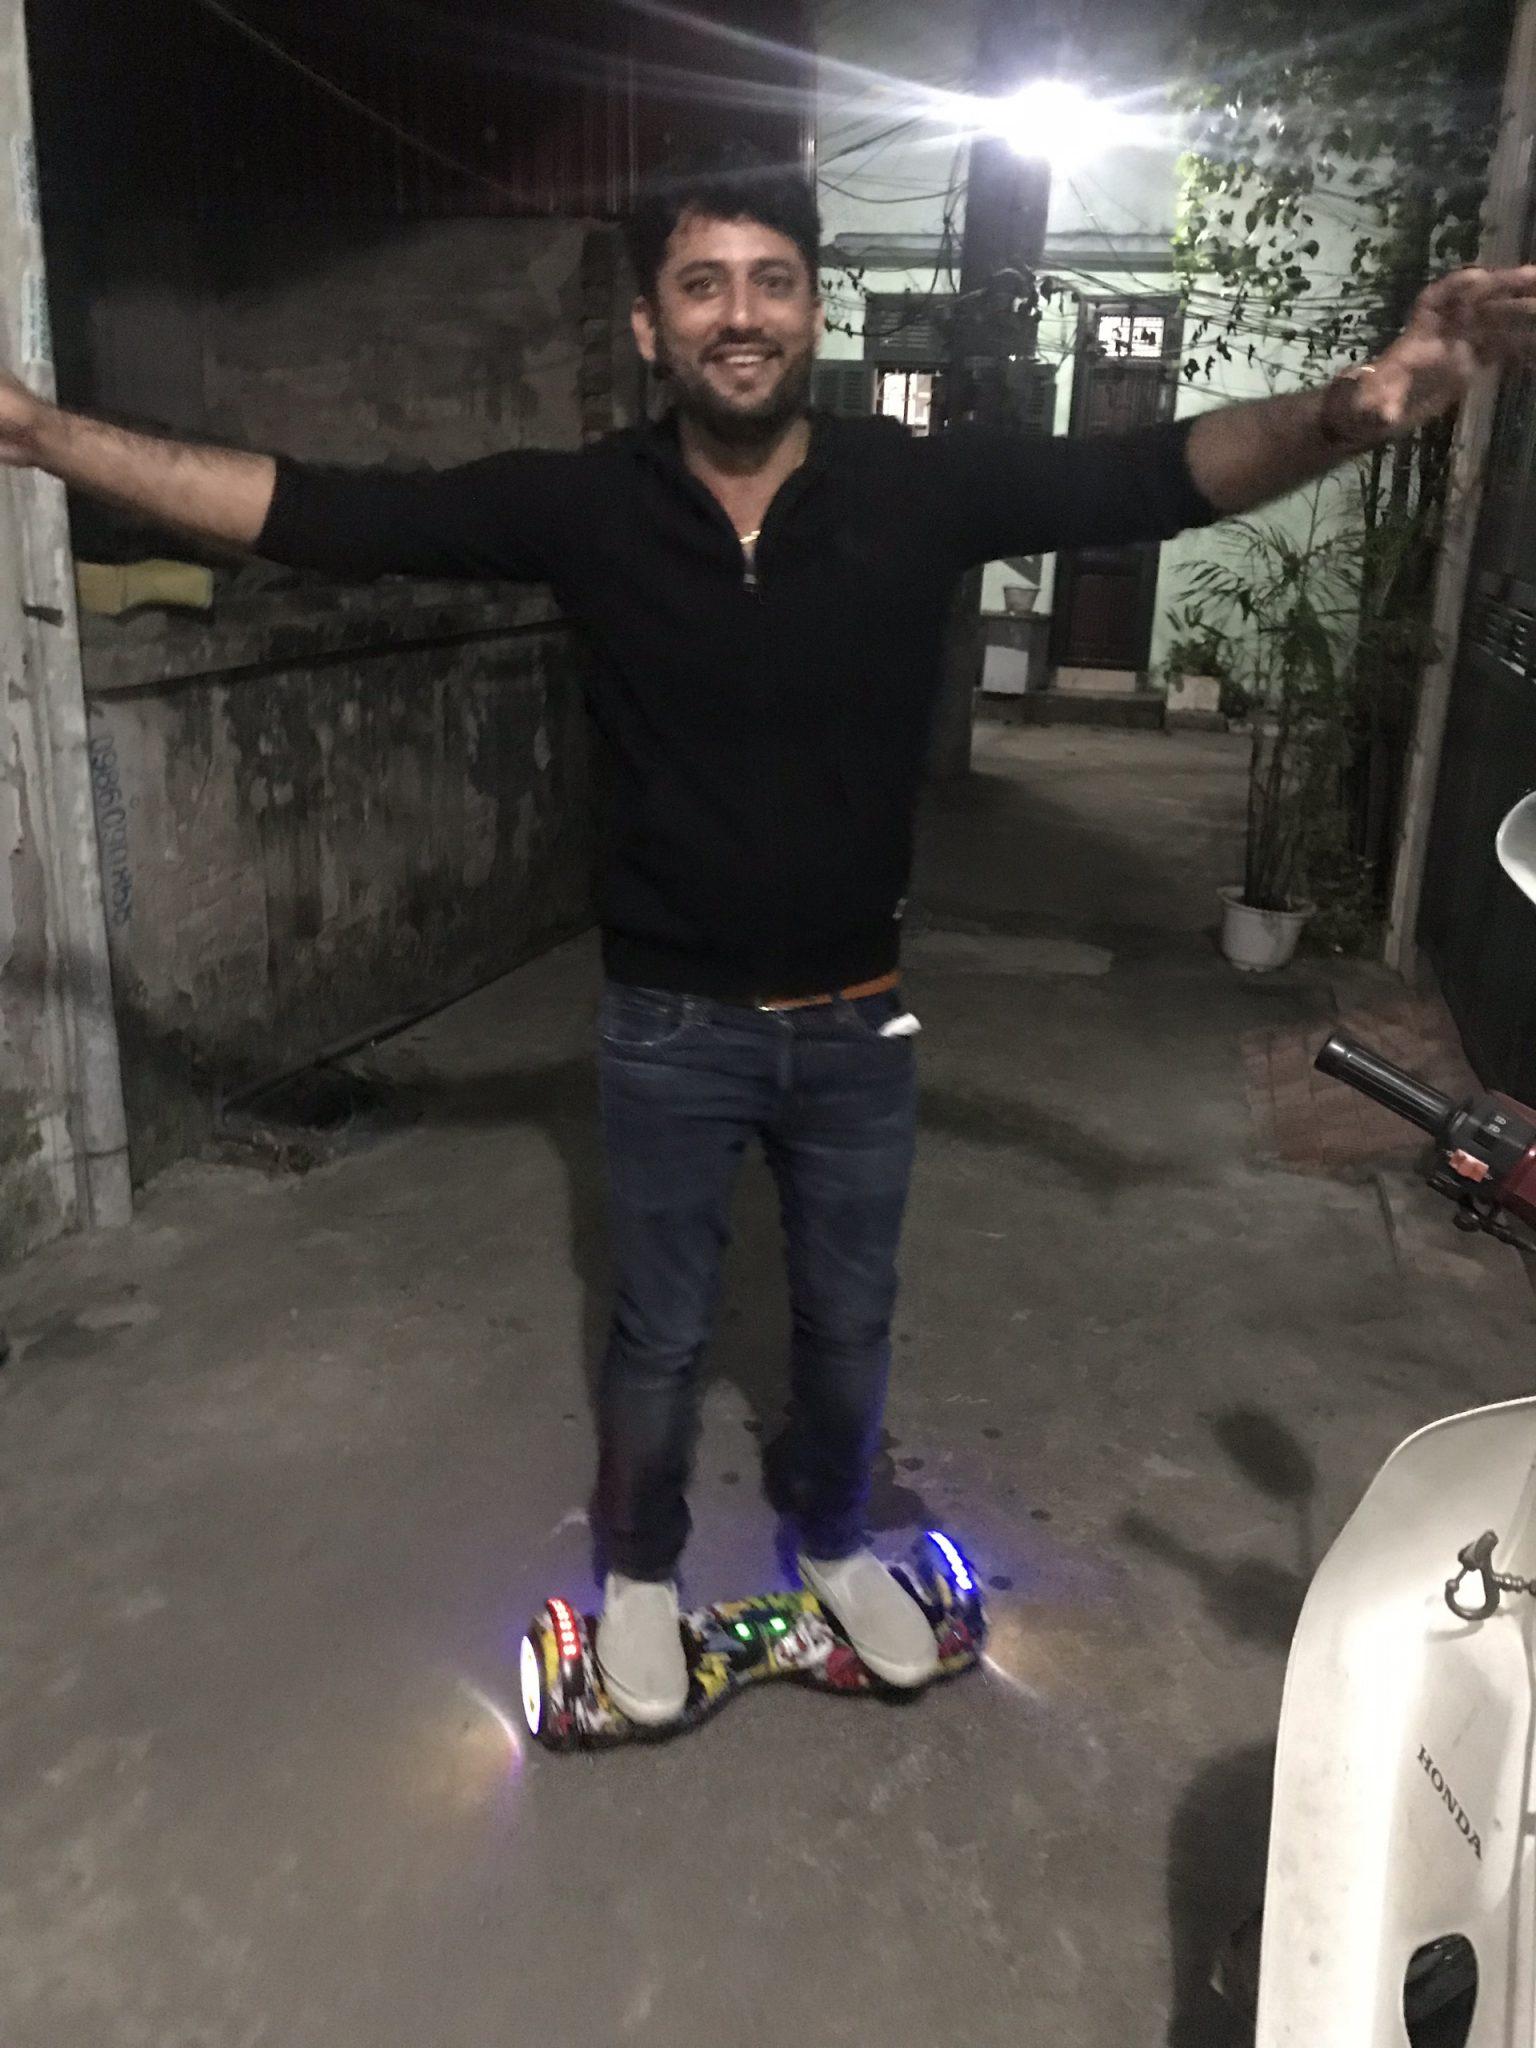 Anh Indo thích thú trên chiếc xe điện cân bằng vân vàng